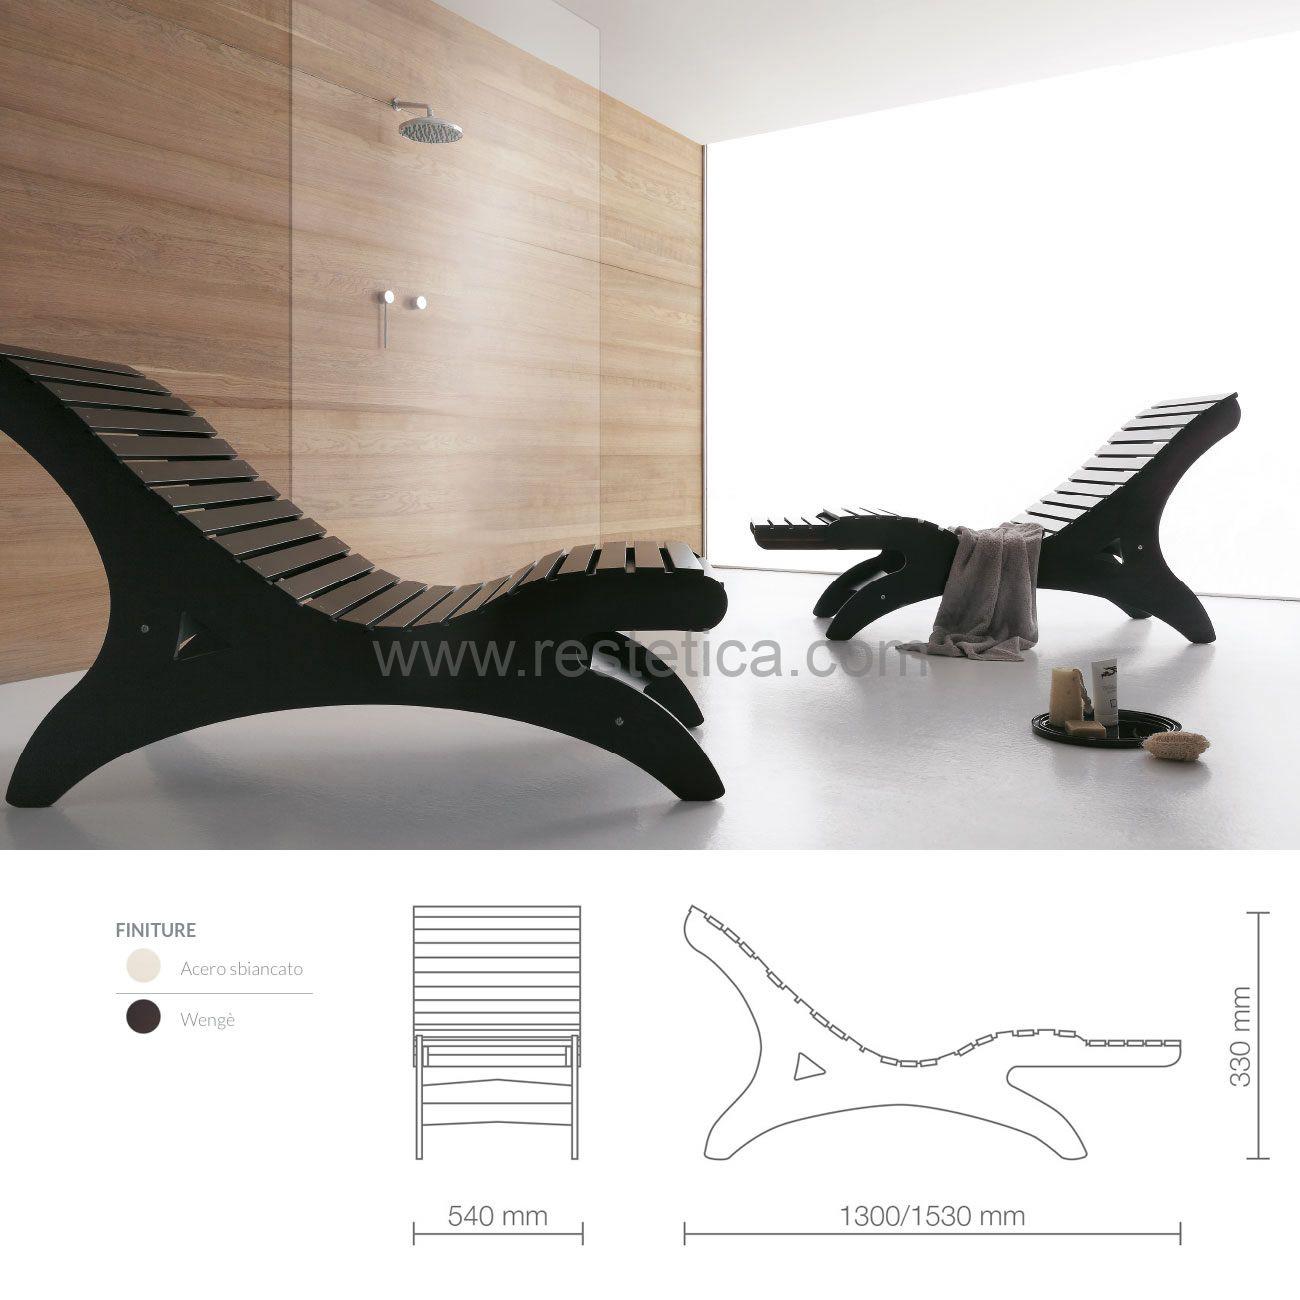 Chaise longue Samurai completa di materassino in skai bianco e poggiapiedi estraibile per massimo relax